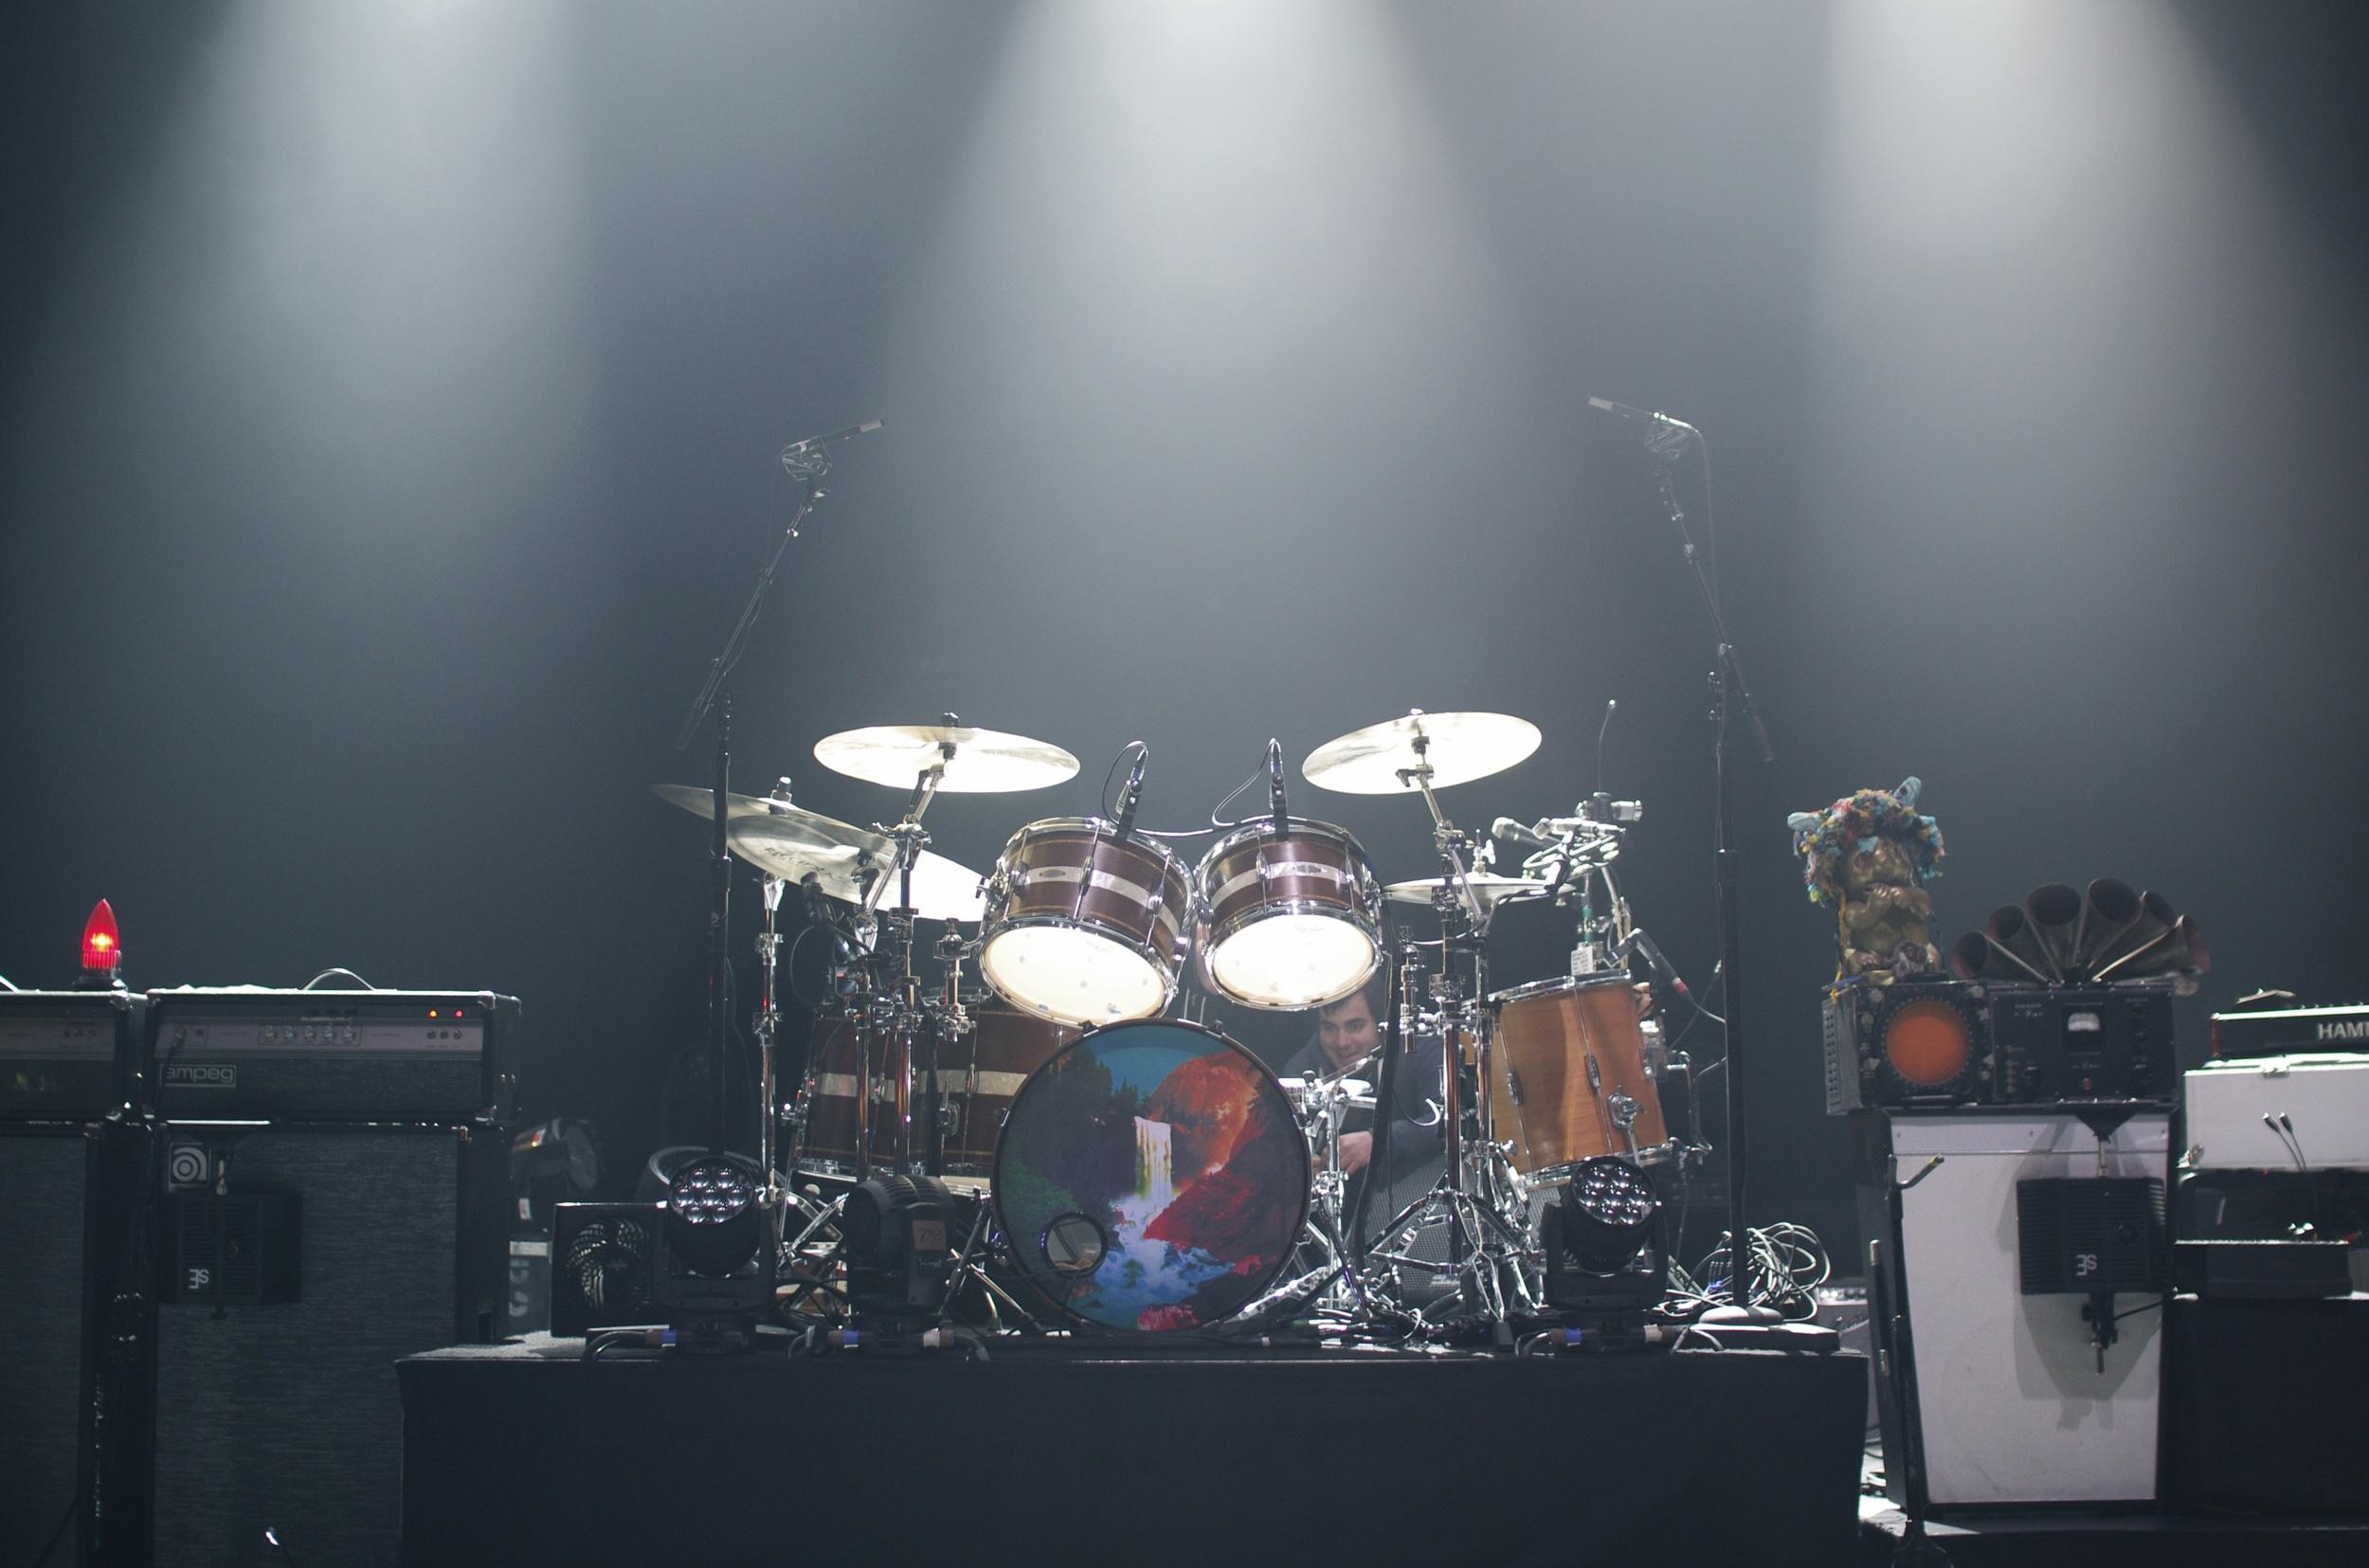 mmj-drums-far.jpg